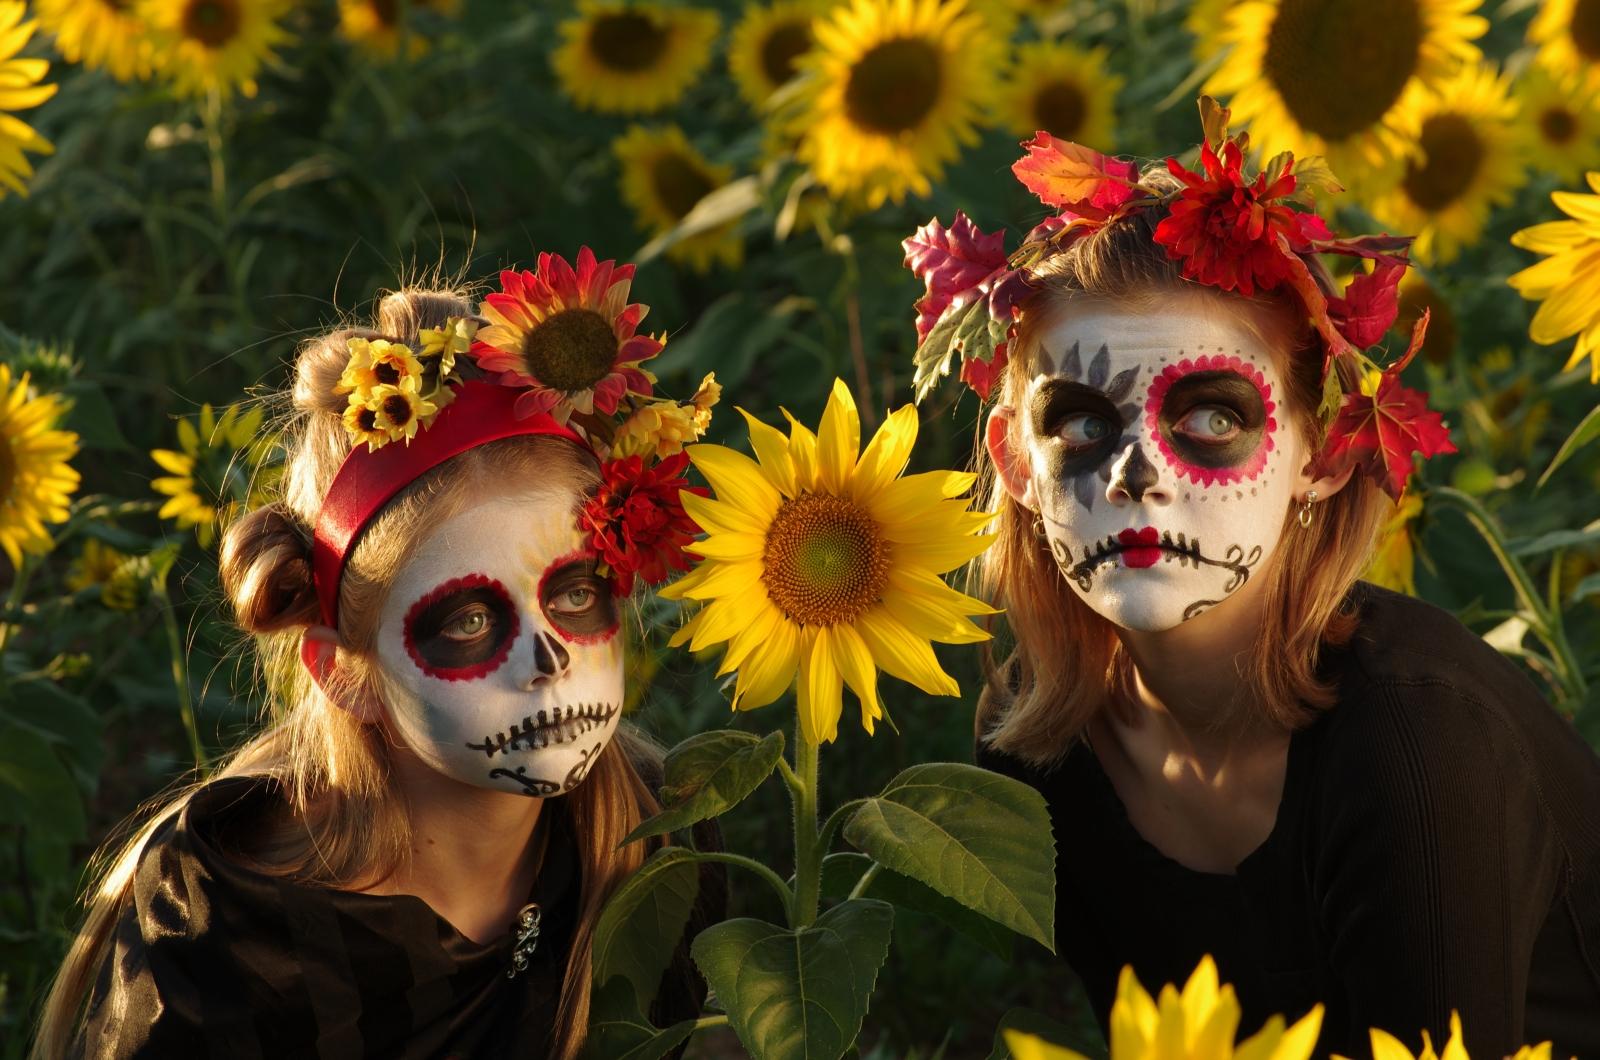 Hintergrundbilder : Gesicht, Sonnenlicht, Blumen, draußen, Feld ...